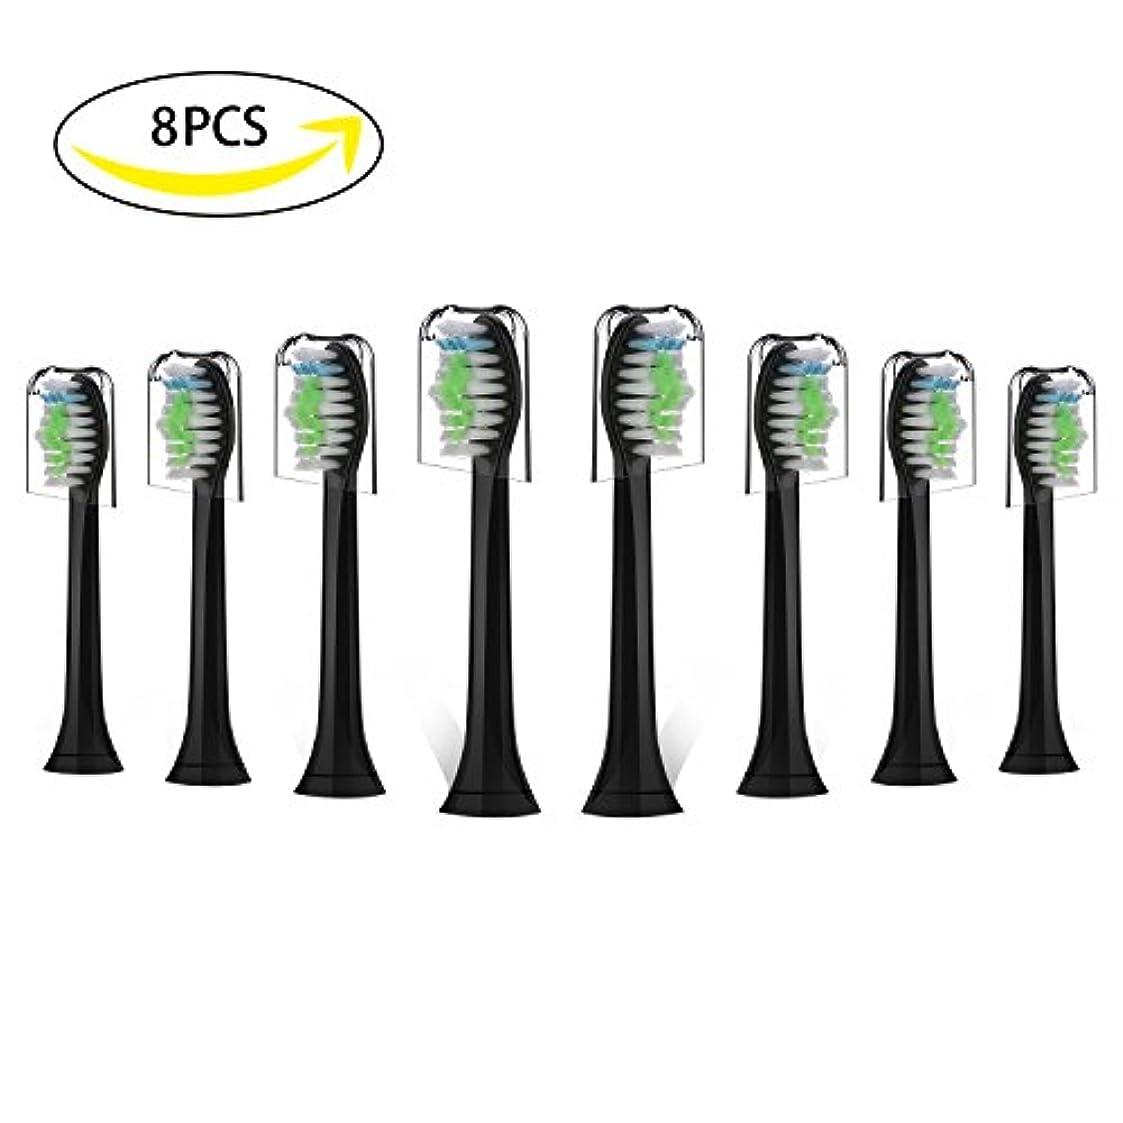 製品瞑想する治世Sonifresh 交換ヘッド歯ブラシ用ヘッドセットフィリップソニカ電気歯ブラシ - プラークコントロールガム 健康ダイヤモンド クリーンフレックス ケアイージークリーンとヘルシーホワイト 8パック 8パック